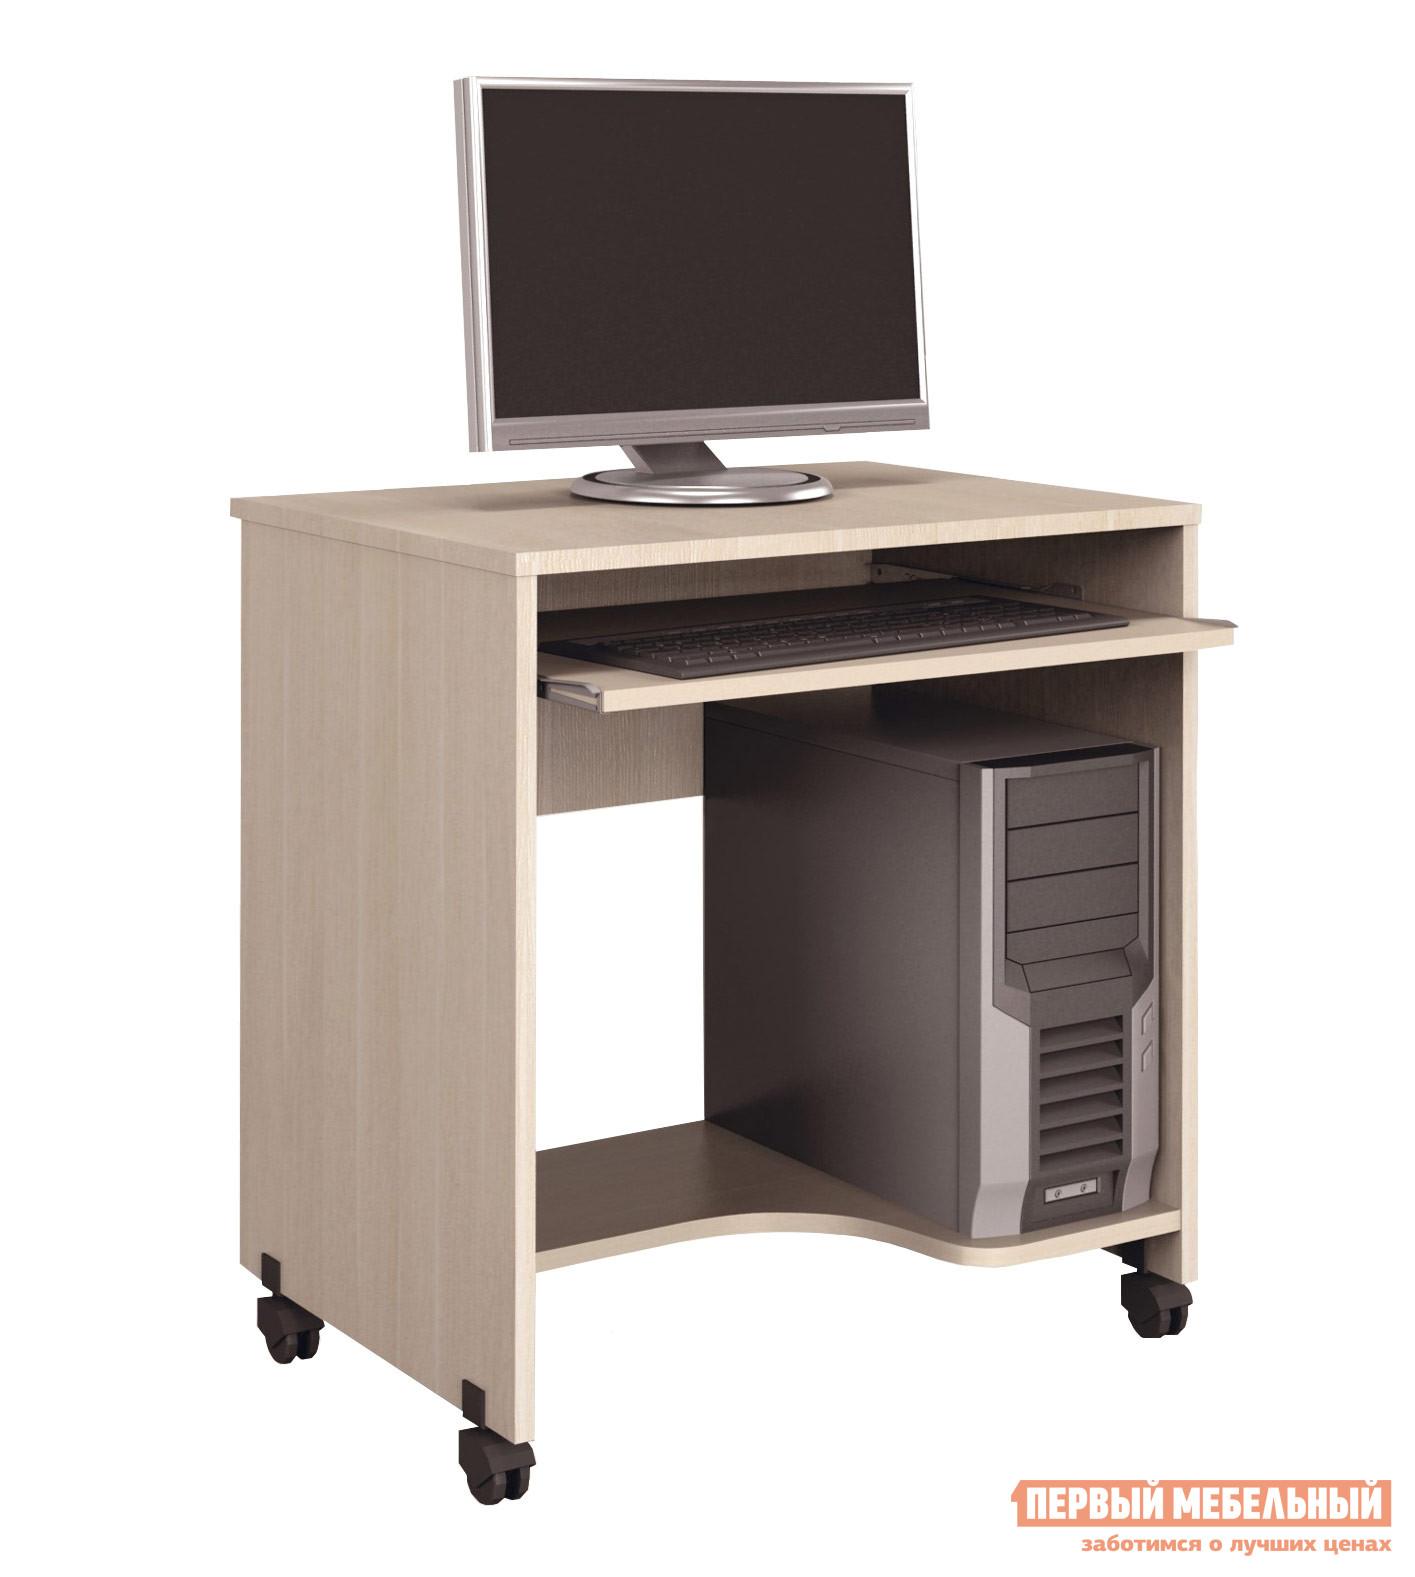 Компьютерный стол Витра Фортуна-22.1 компьютерный стол кс 20 30